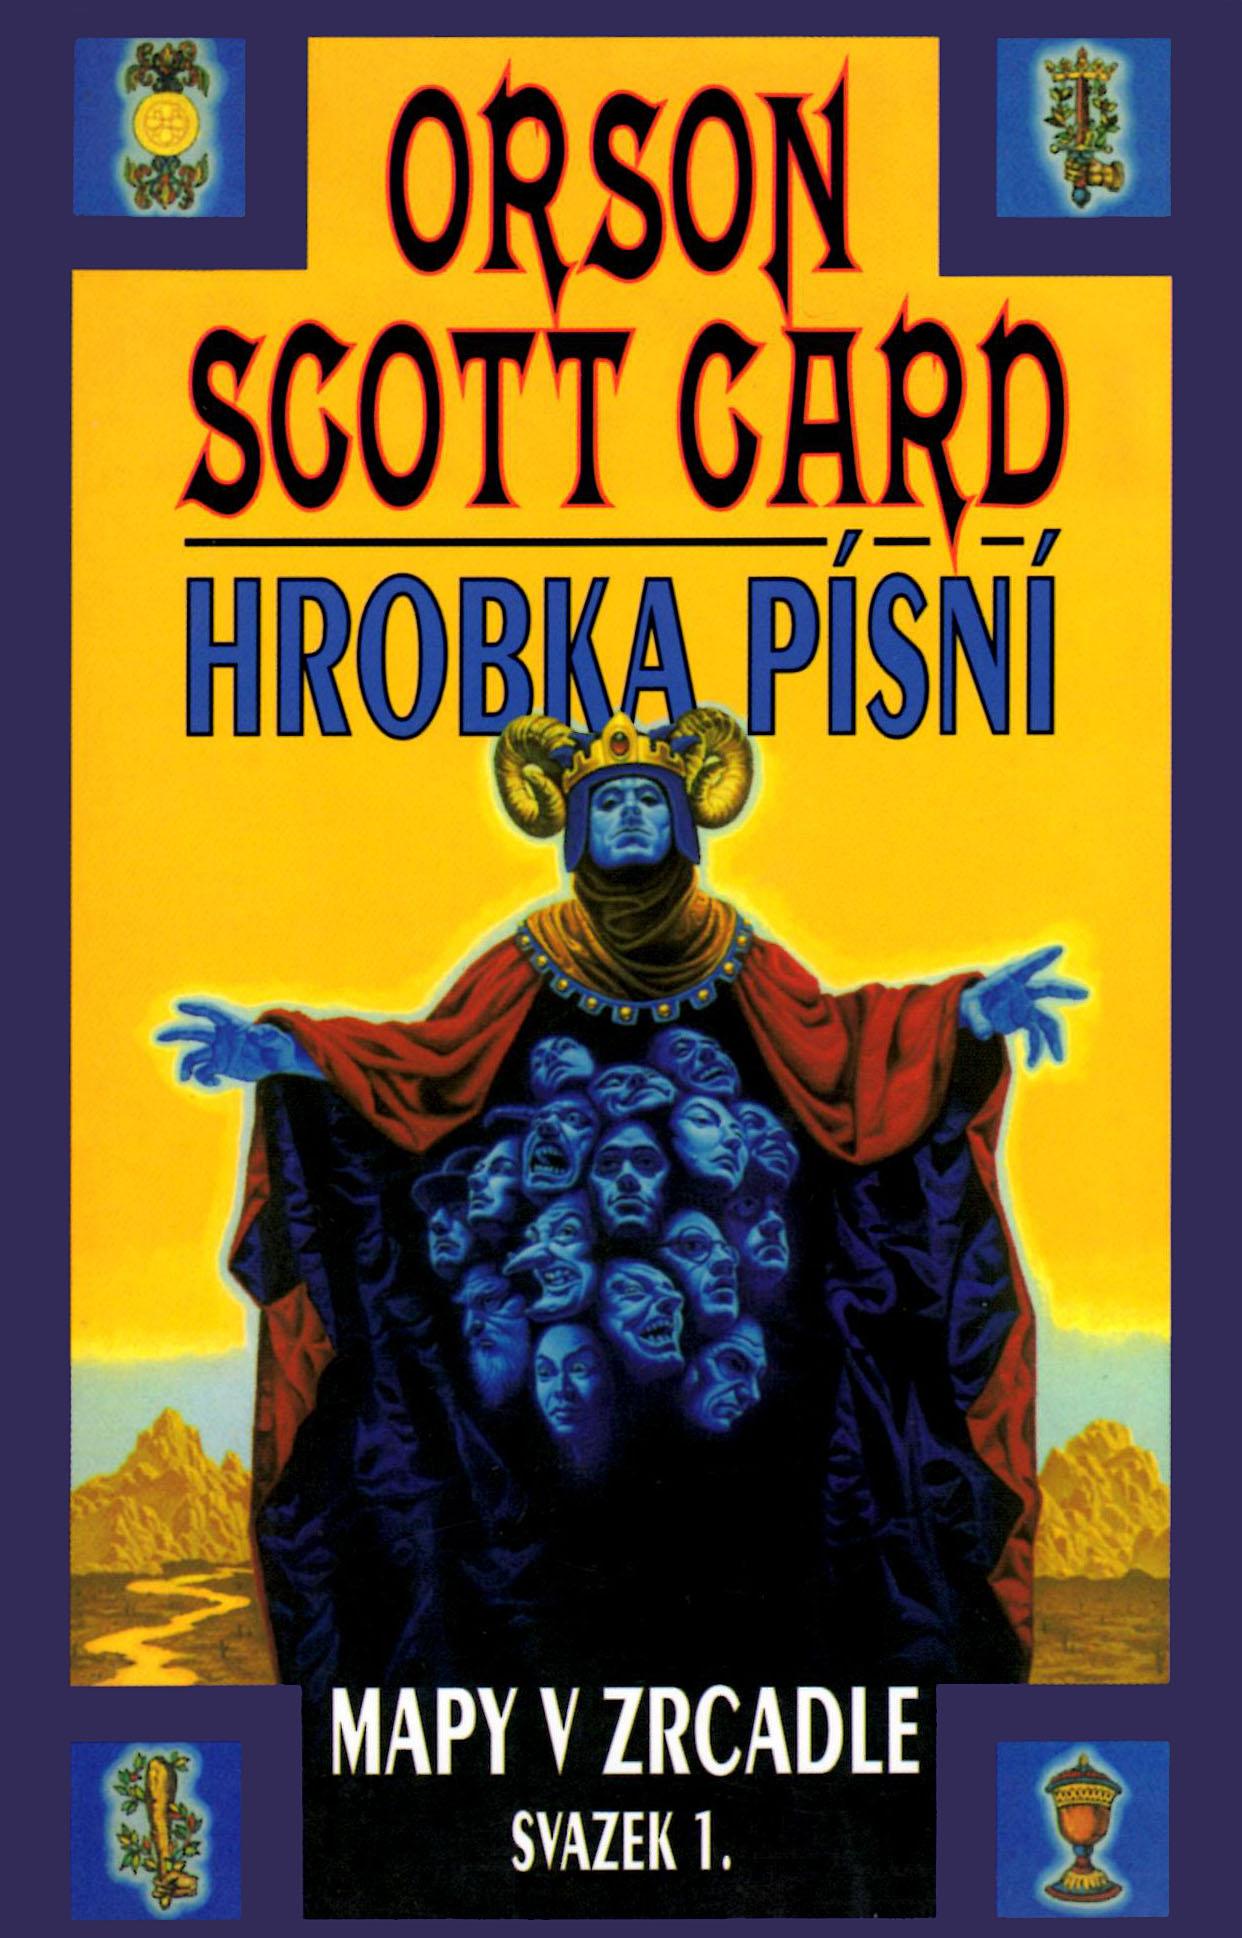 Hrobka písní - Orson Scott Card /bazarové zboží/